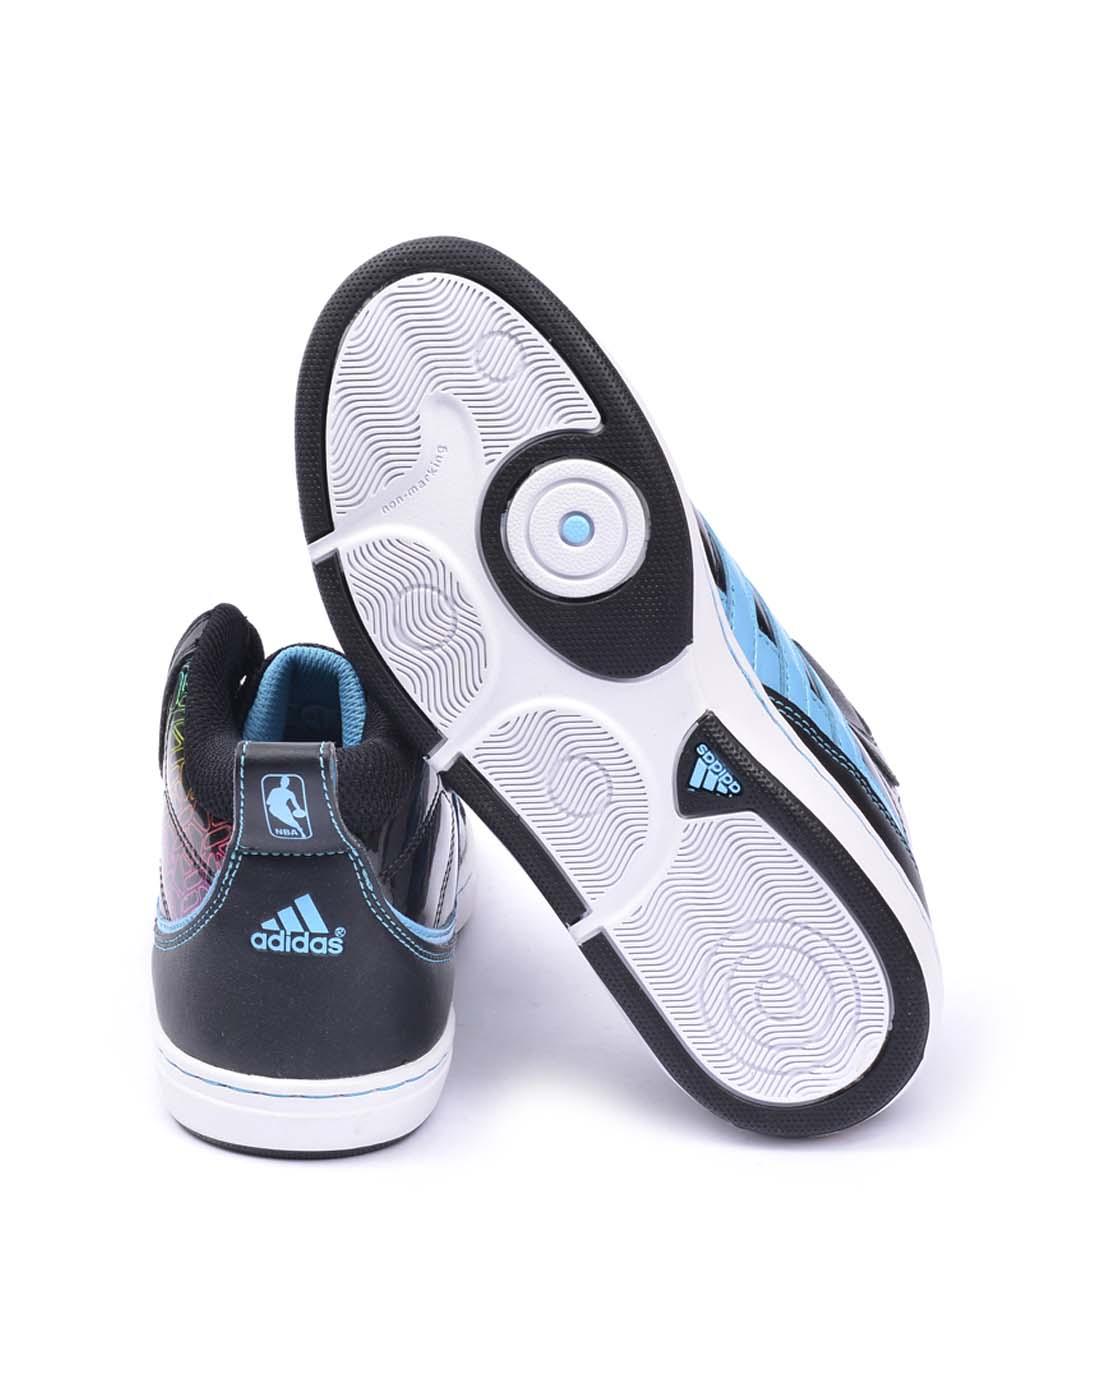 阿迪达斯adidas男女鞋女子黑色篮球鞋g22442